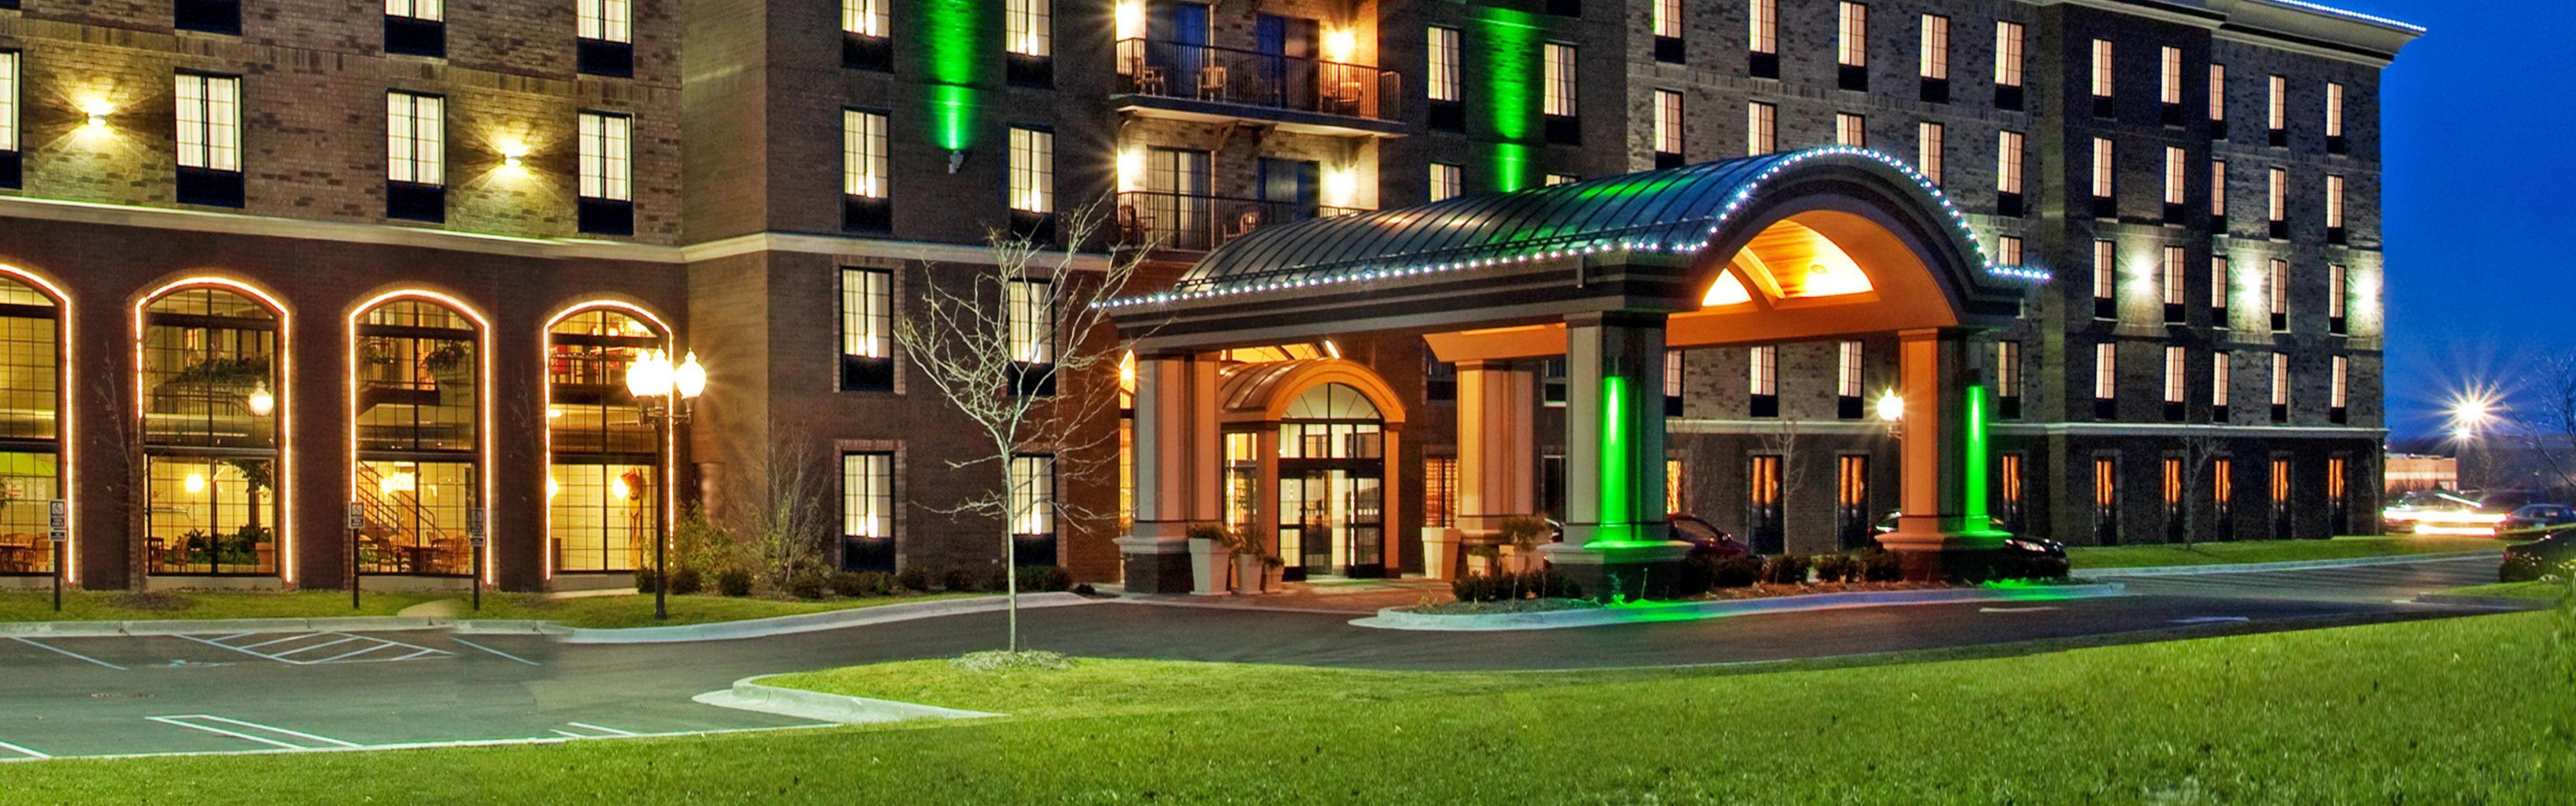 Holiday Inn Midland image 0